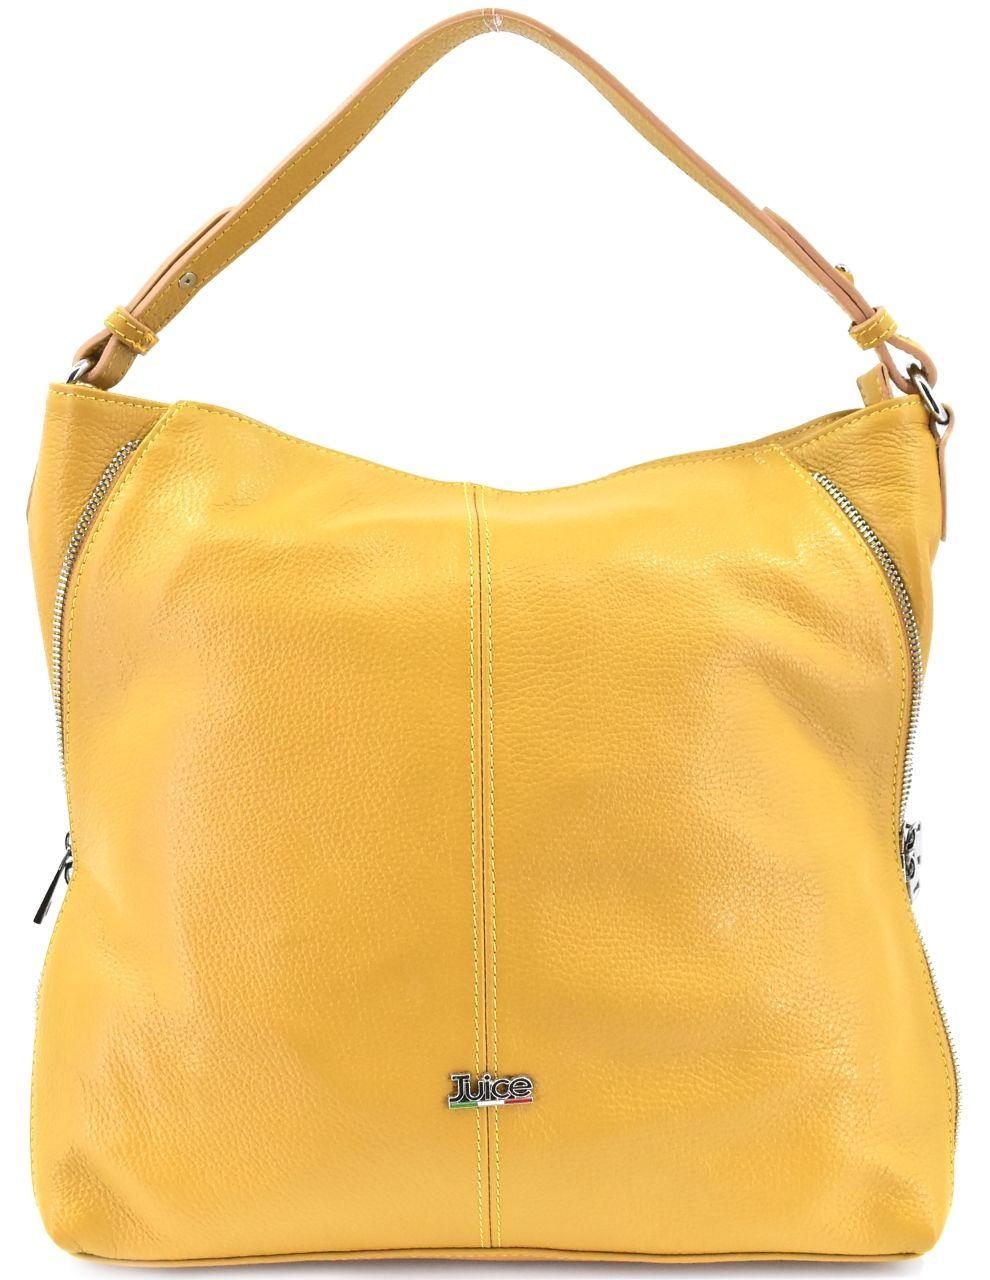 Dámská kožená kabelka Juice - hořčicová 112173